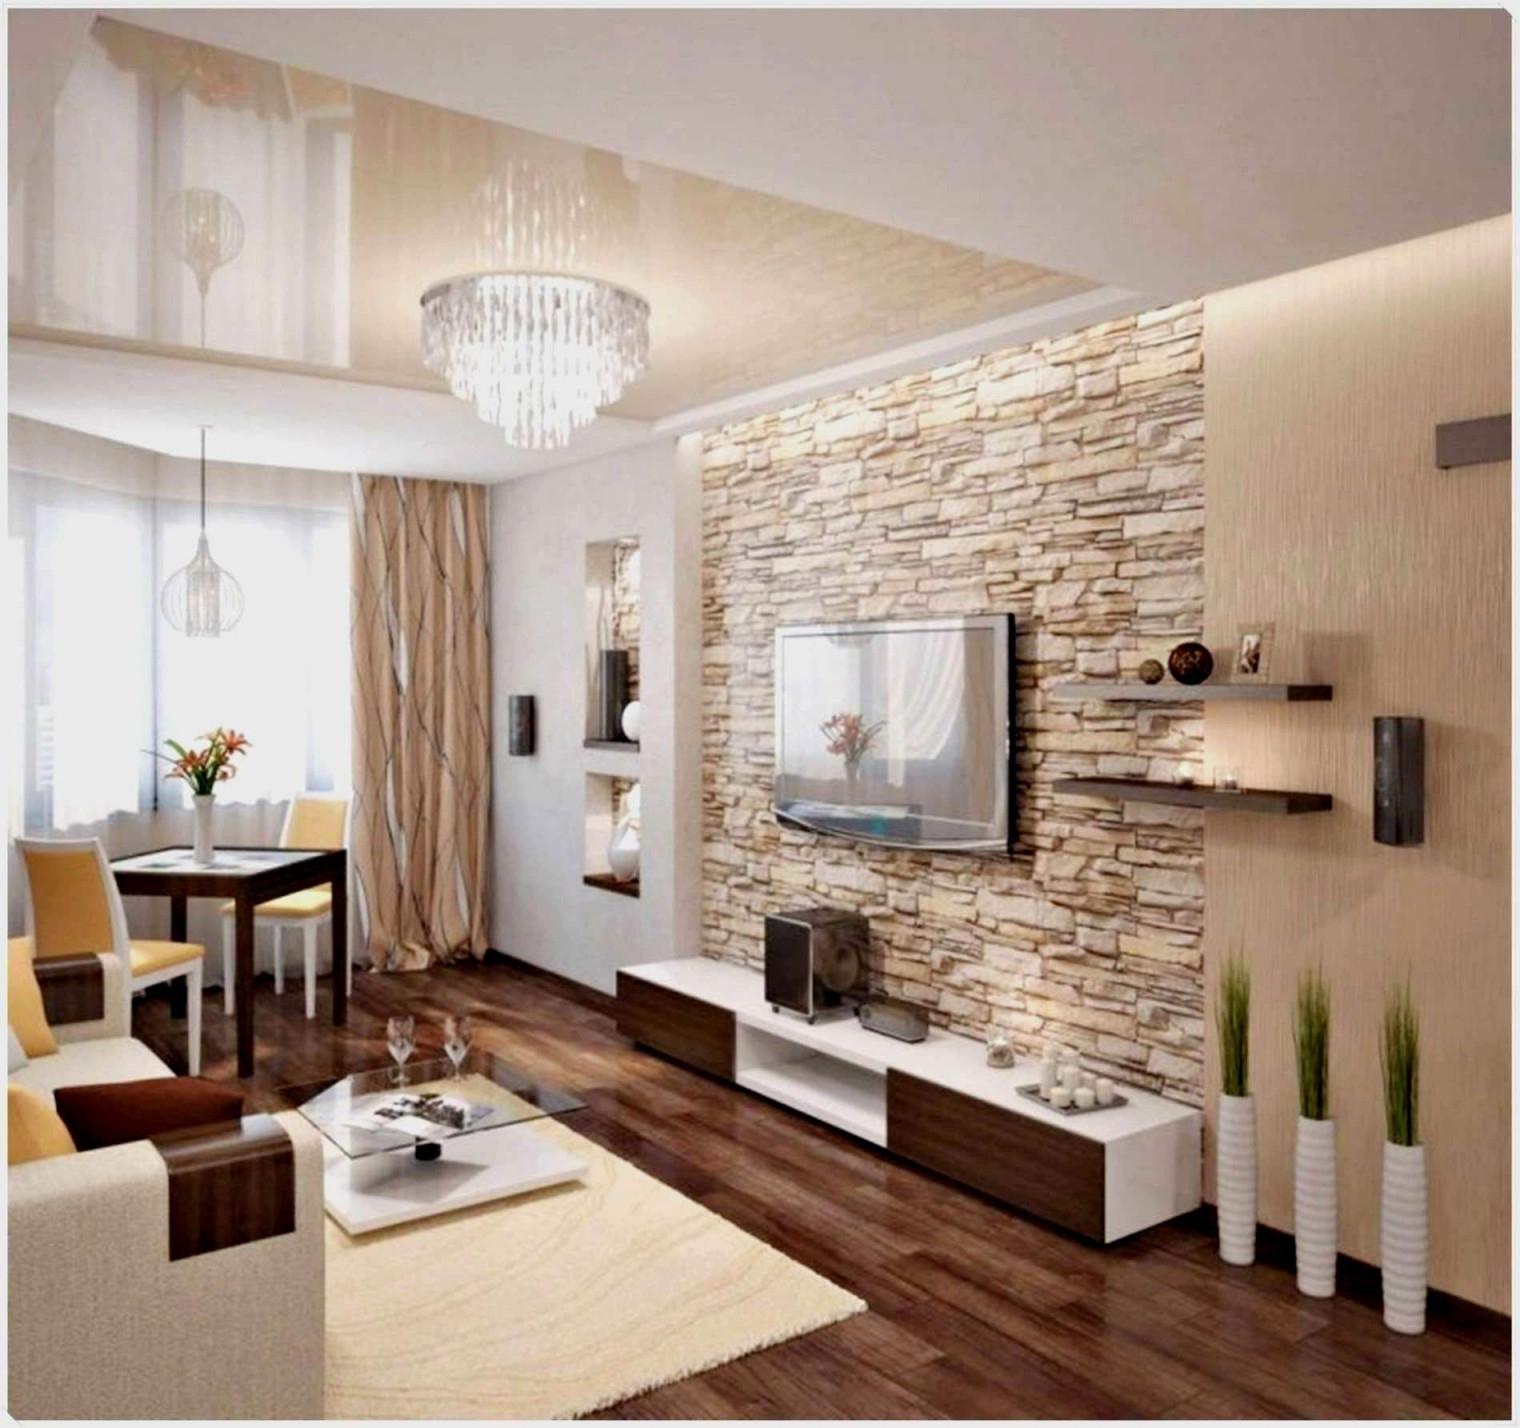 Moderne Deko Wohnzimmer Neu Elegant Dekoartikel Wohnzimmer von Deko Für Das Wohnzimmer Photo